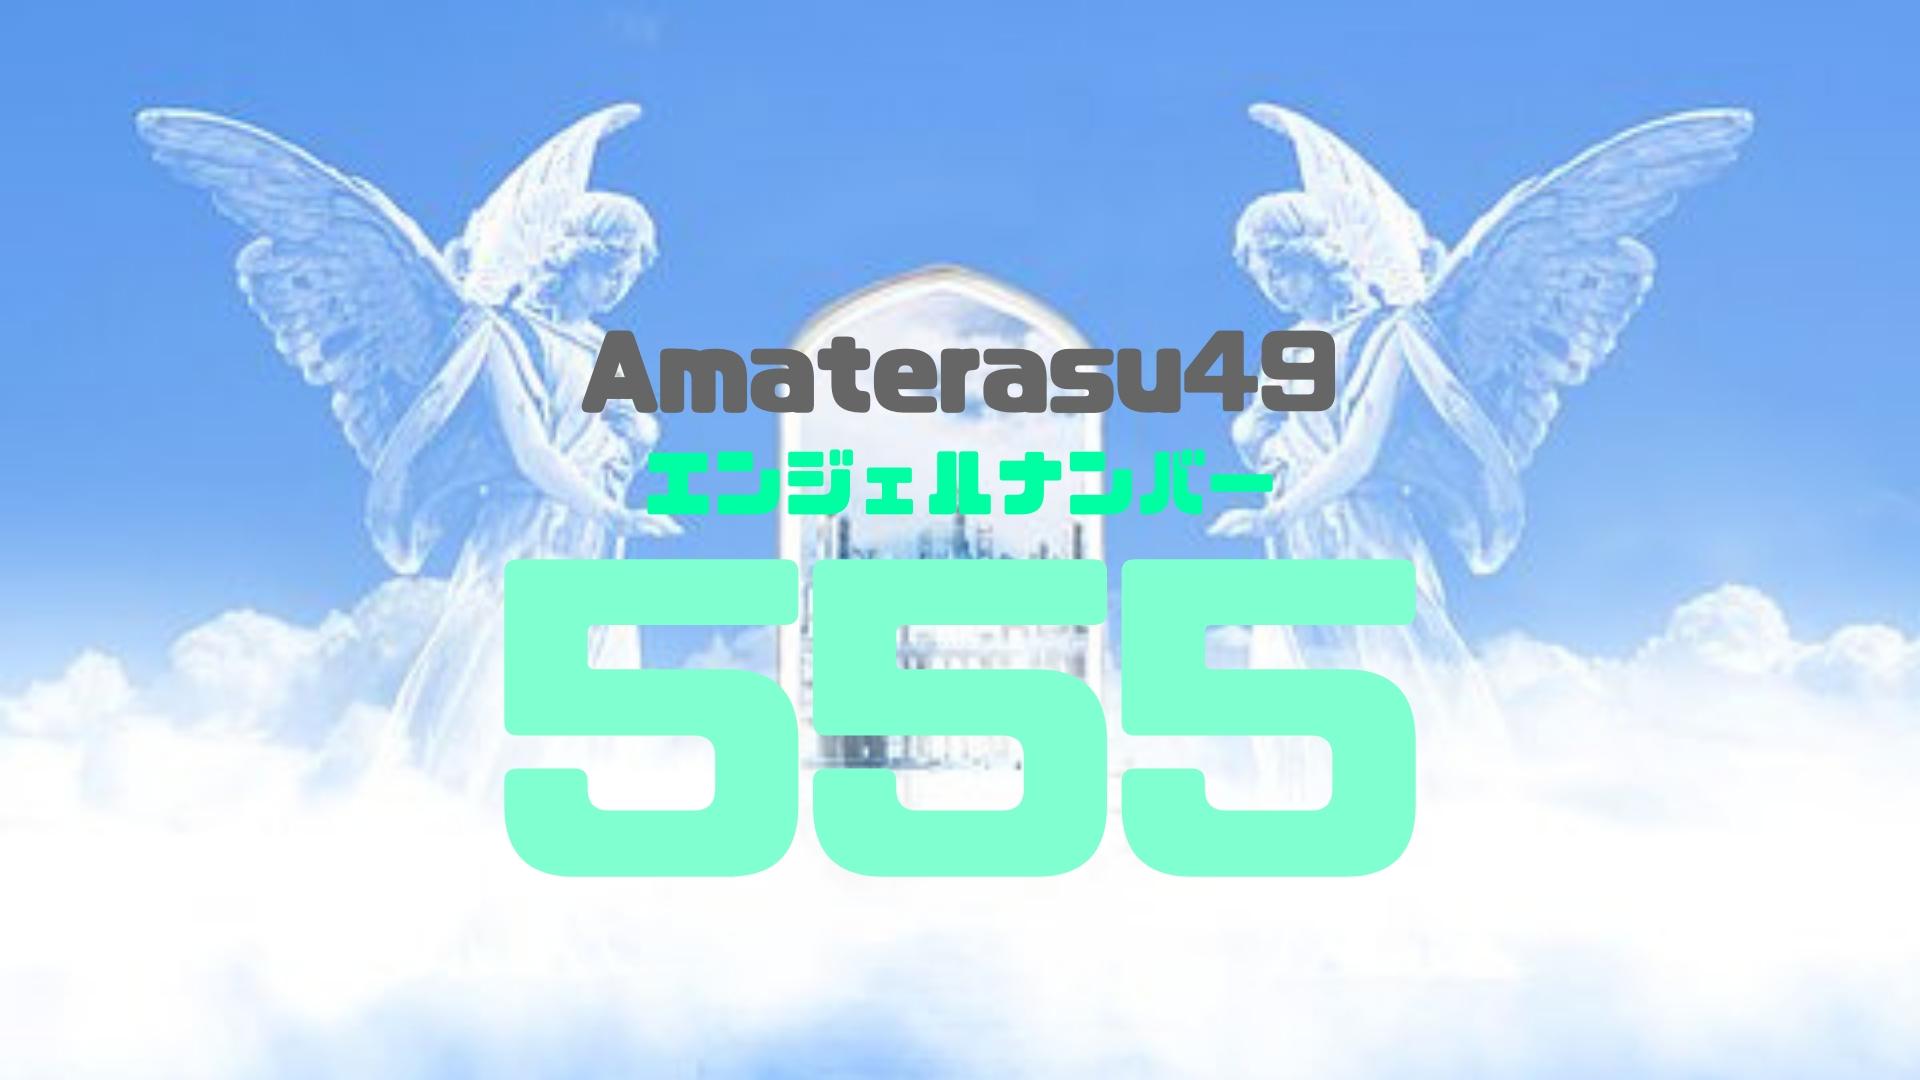 エンジェルナンバー555の数秘術的意味やメッセージに迫る